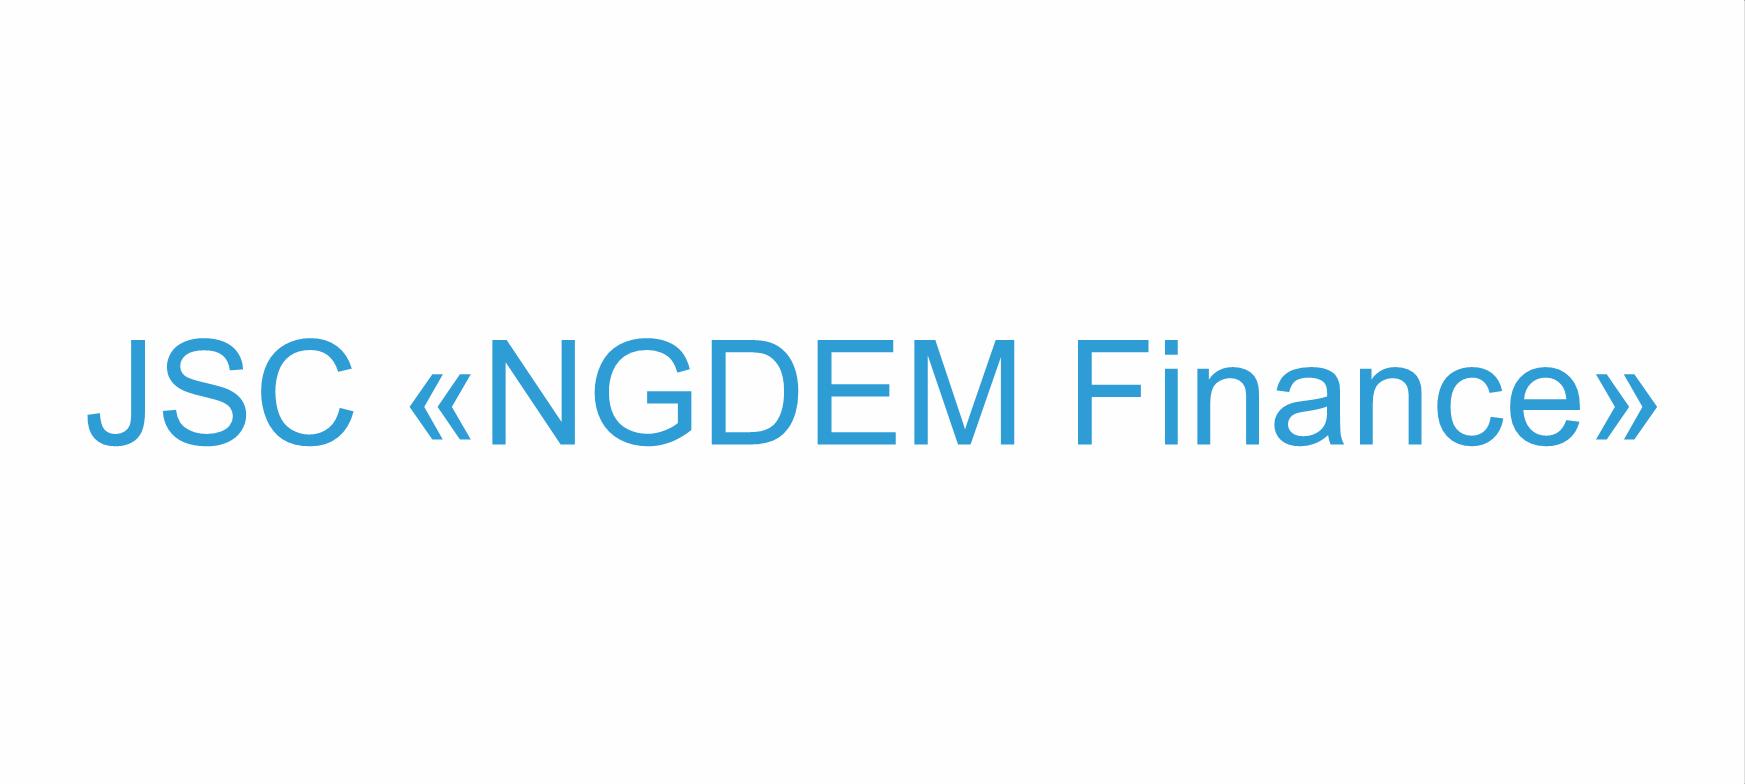 NGDEM Finance JSC